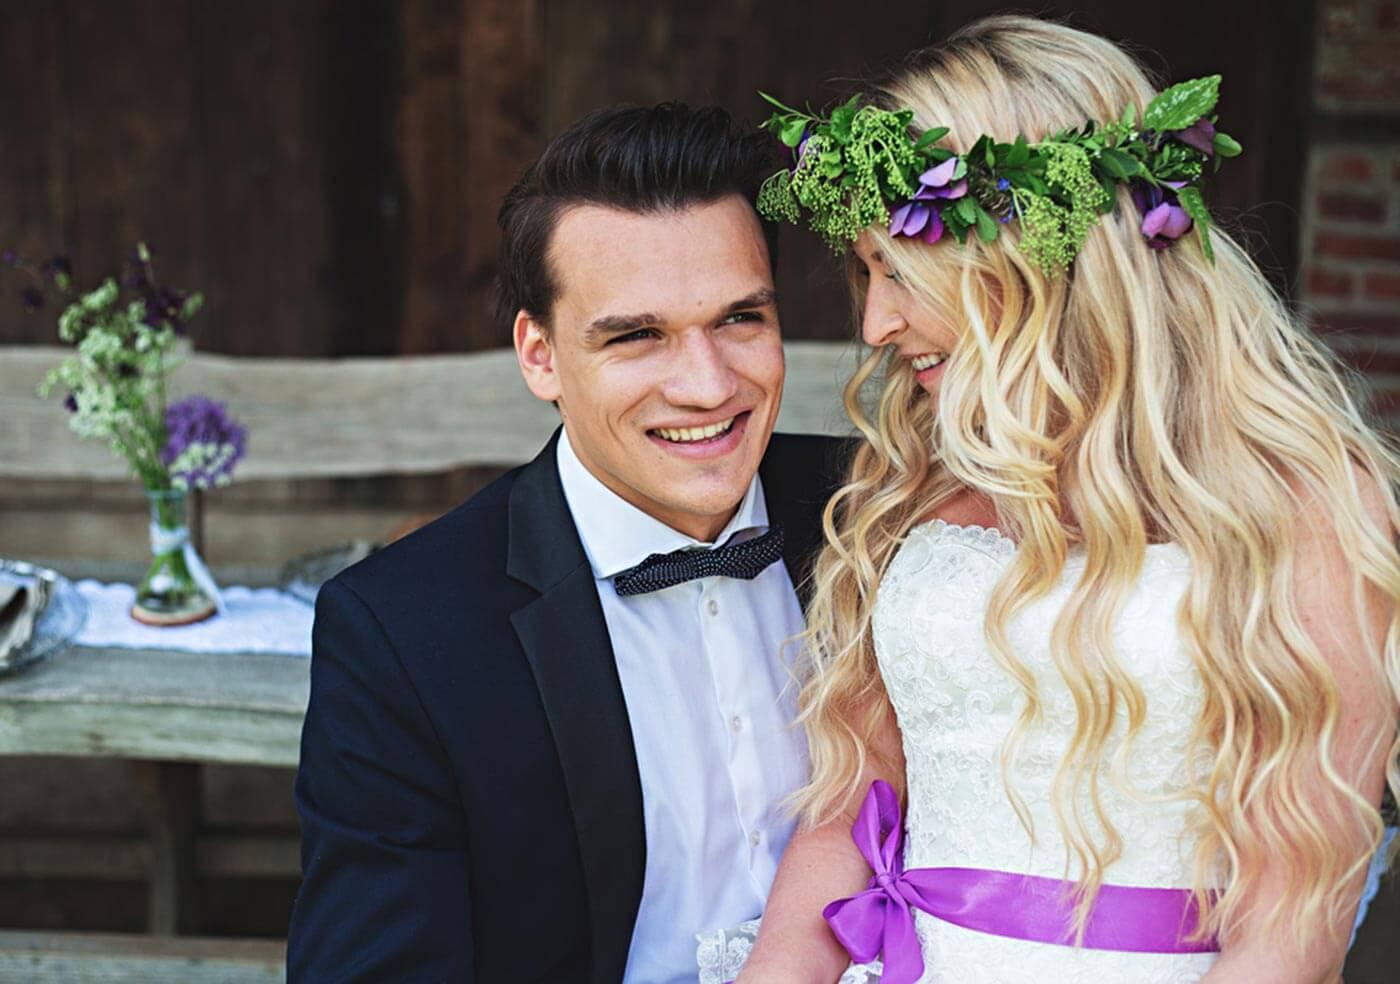 Rustikale Hochzeit mit Lila als bezaubernder Hochzeitsfarbe